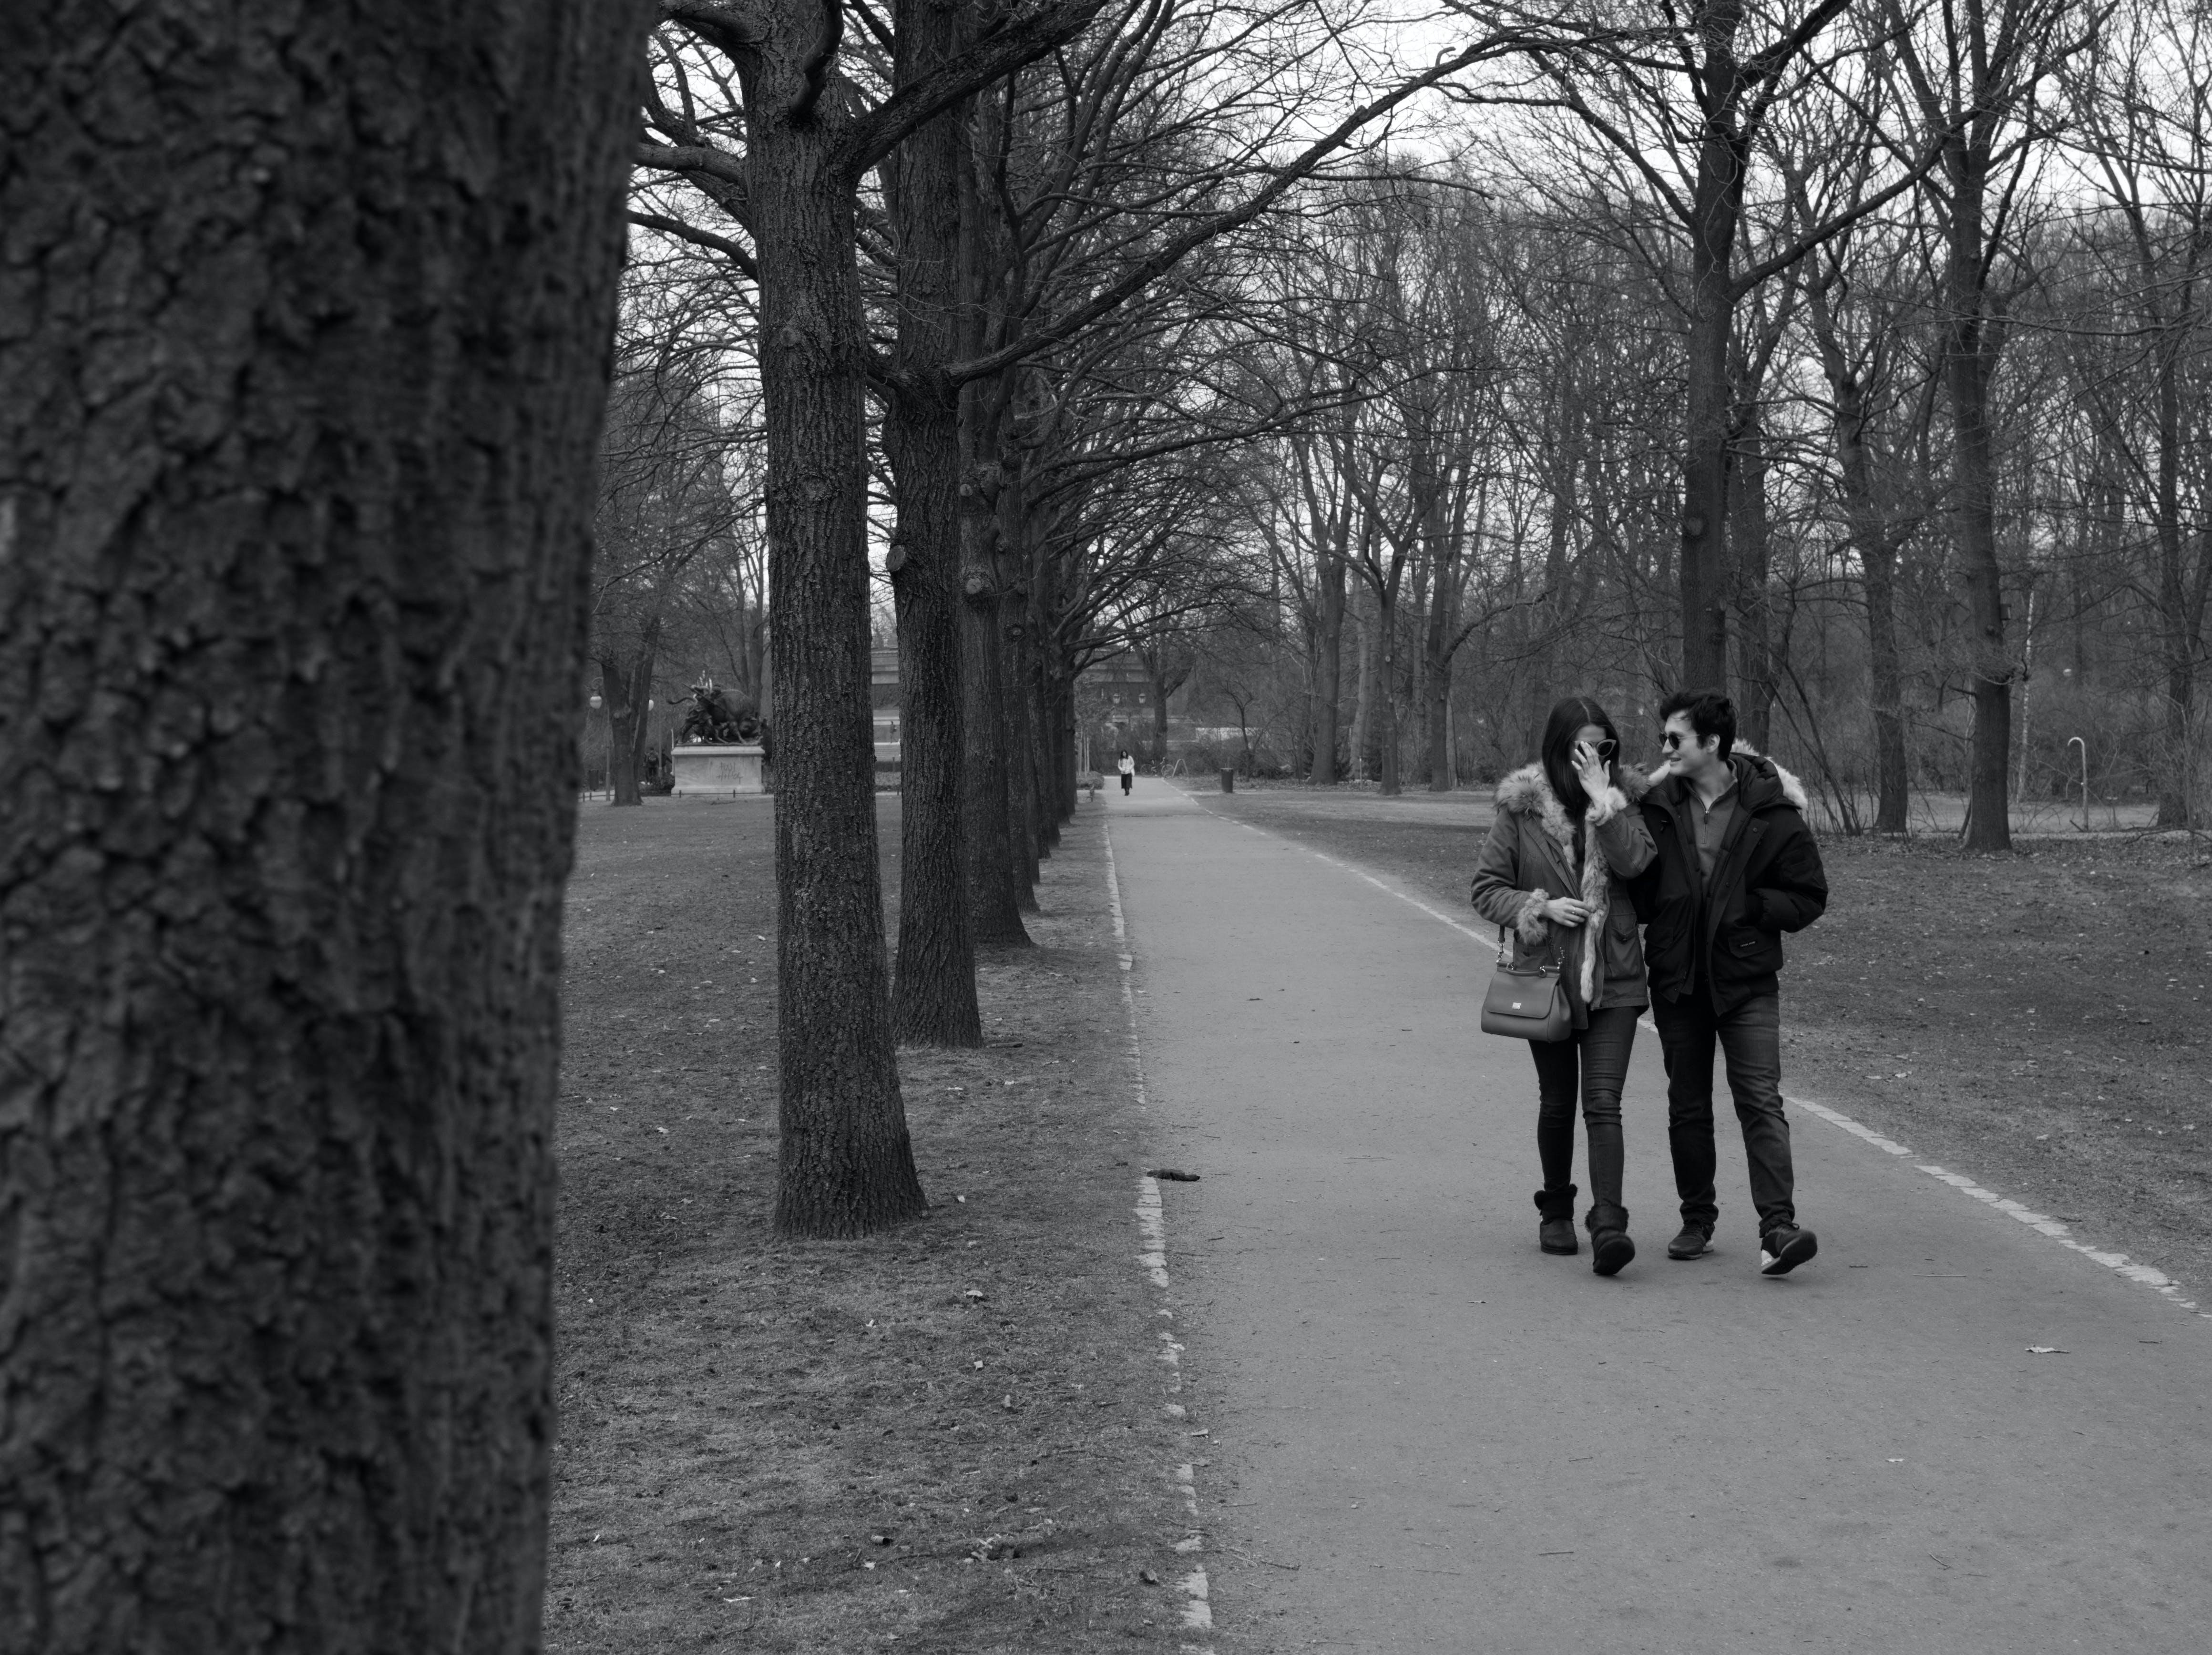 Δωρεάν στοκ φωτογραφιών με Άνθρωποι, Βερολίνο, ζευγάρι, ζευγάρι που περπατά